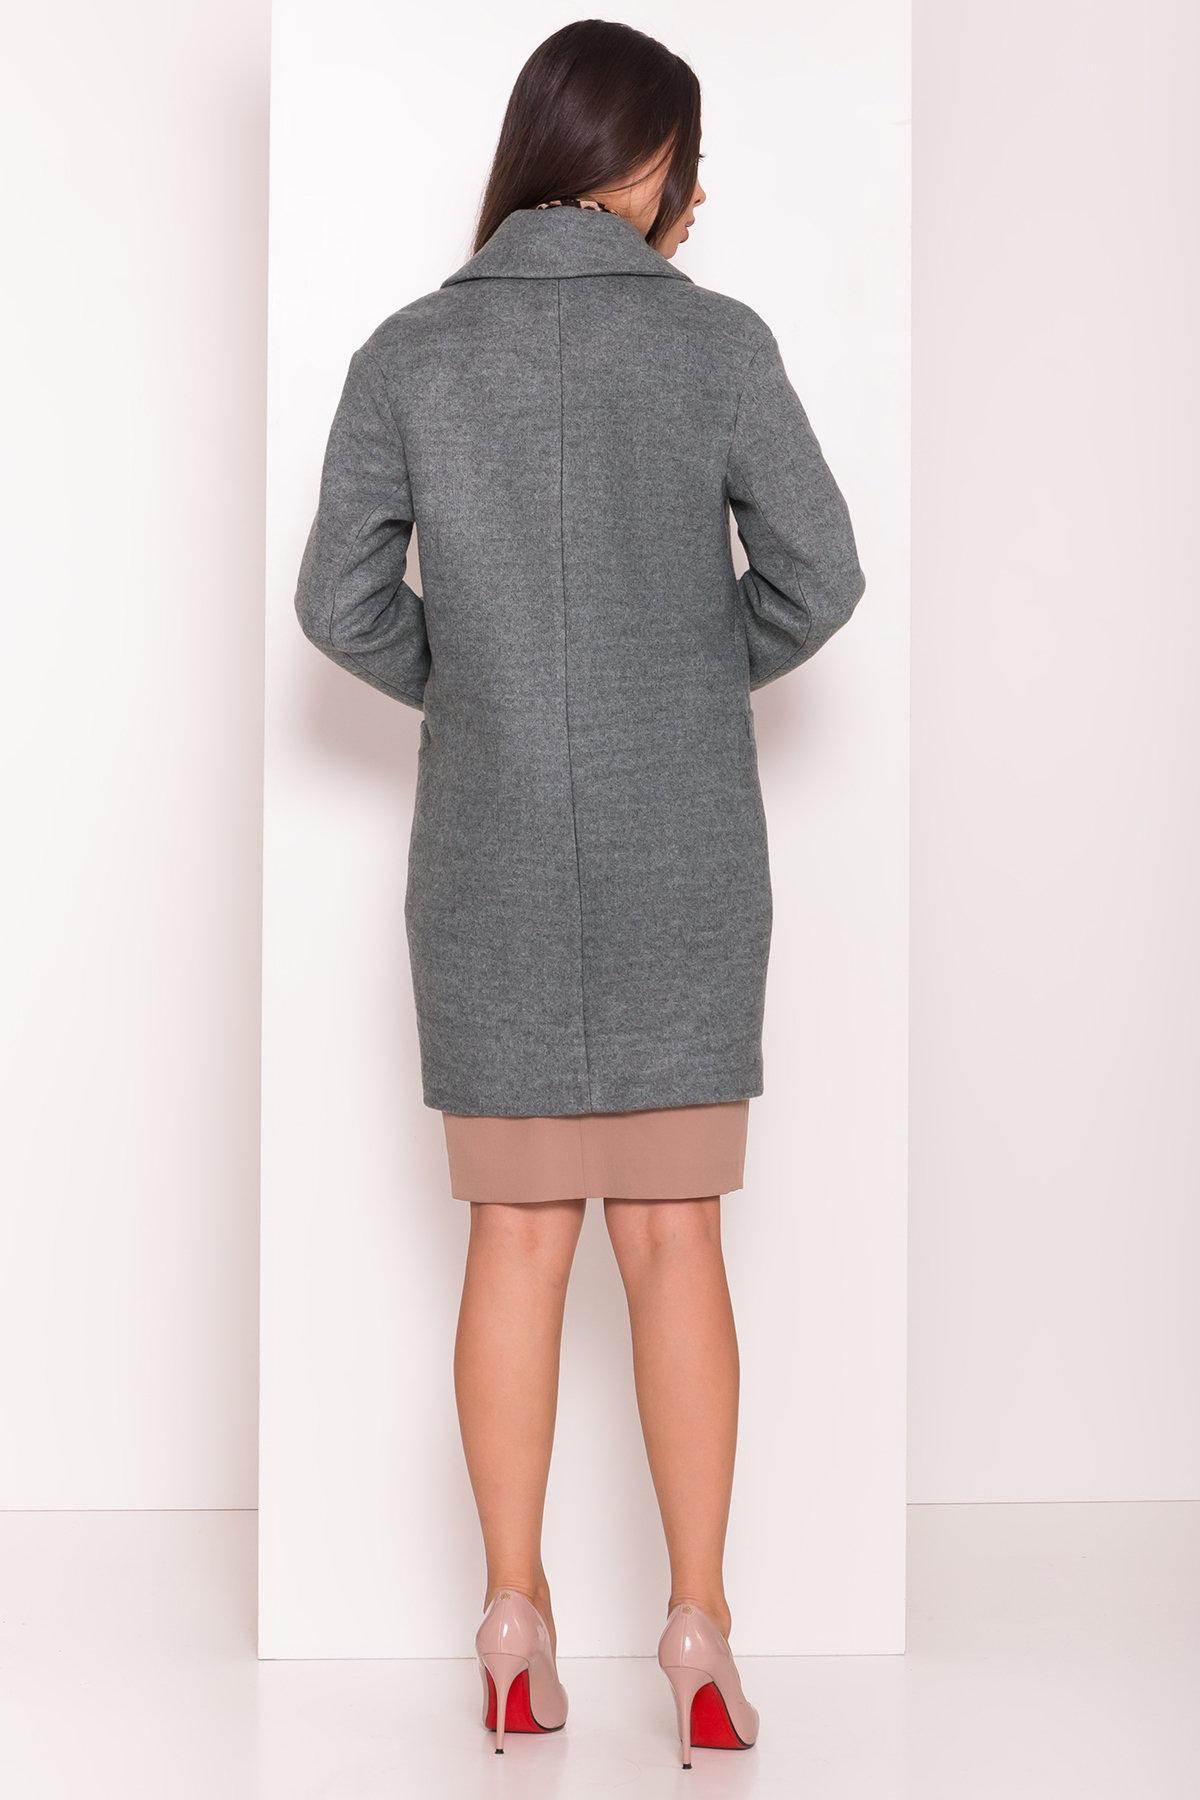 Пальто Вива 7868 АРТ. 43865 Цвет: Зеленый Темный 4 - фото 3, интернет магазин tm-modus.ru